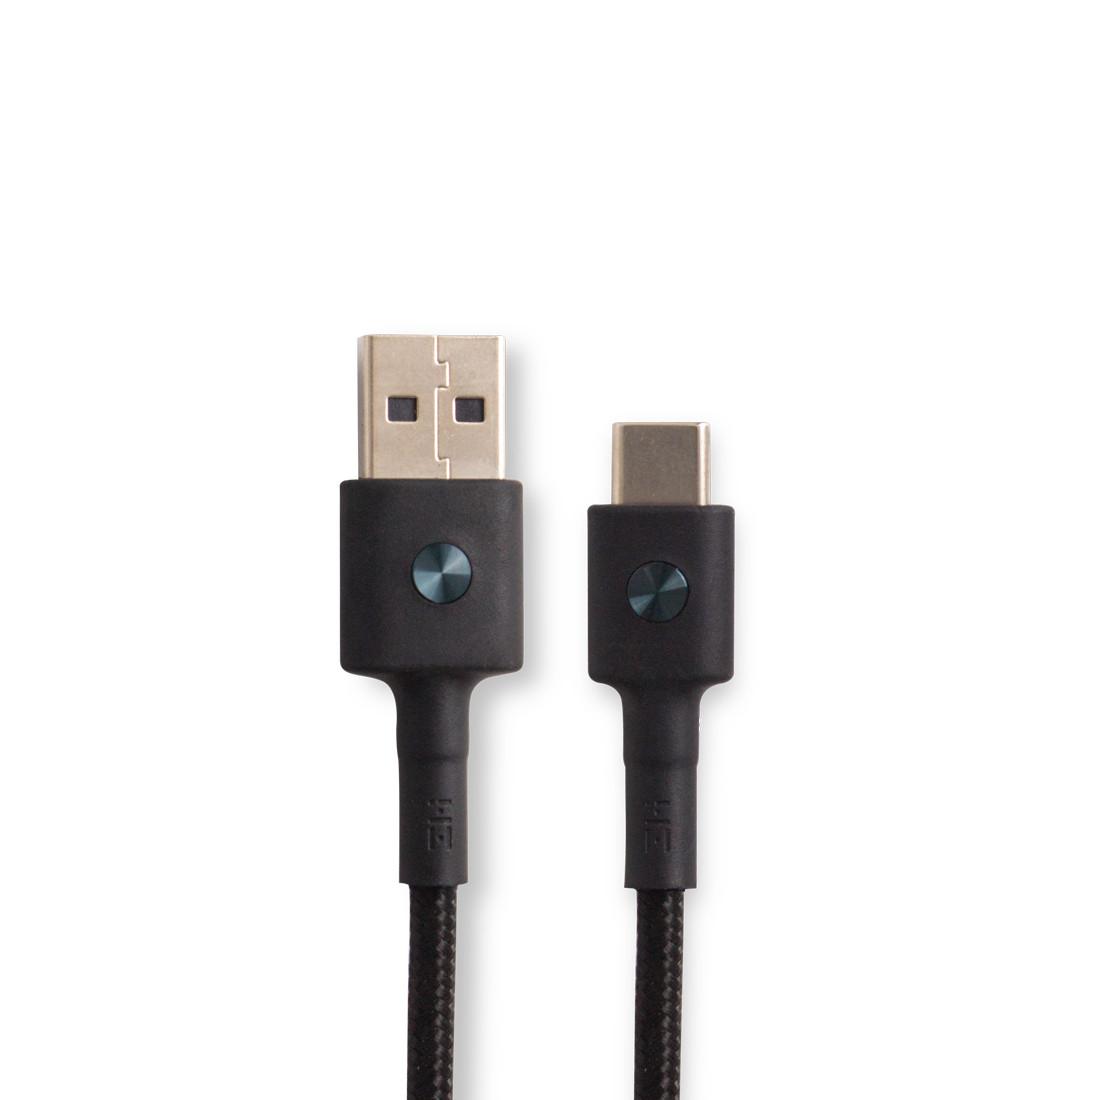 Xiaomi ZMI AL431 Интерфейсный кабель 200cm Type-C Черный